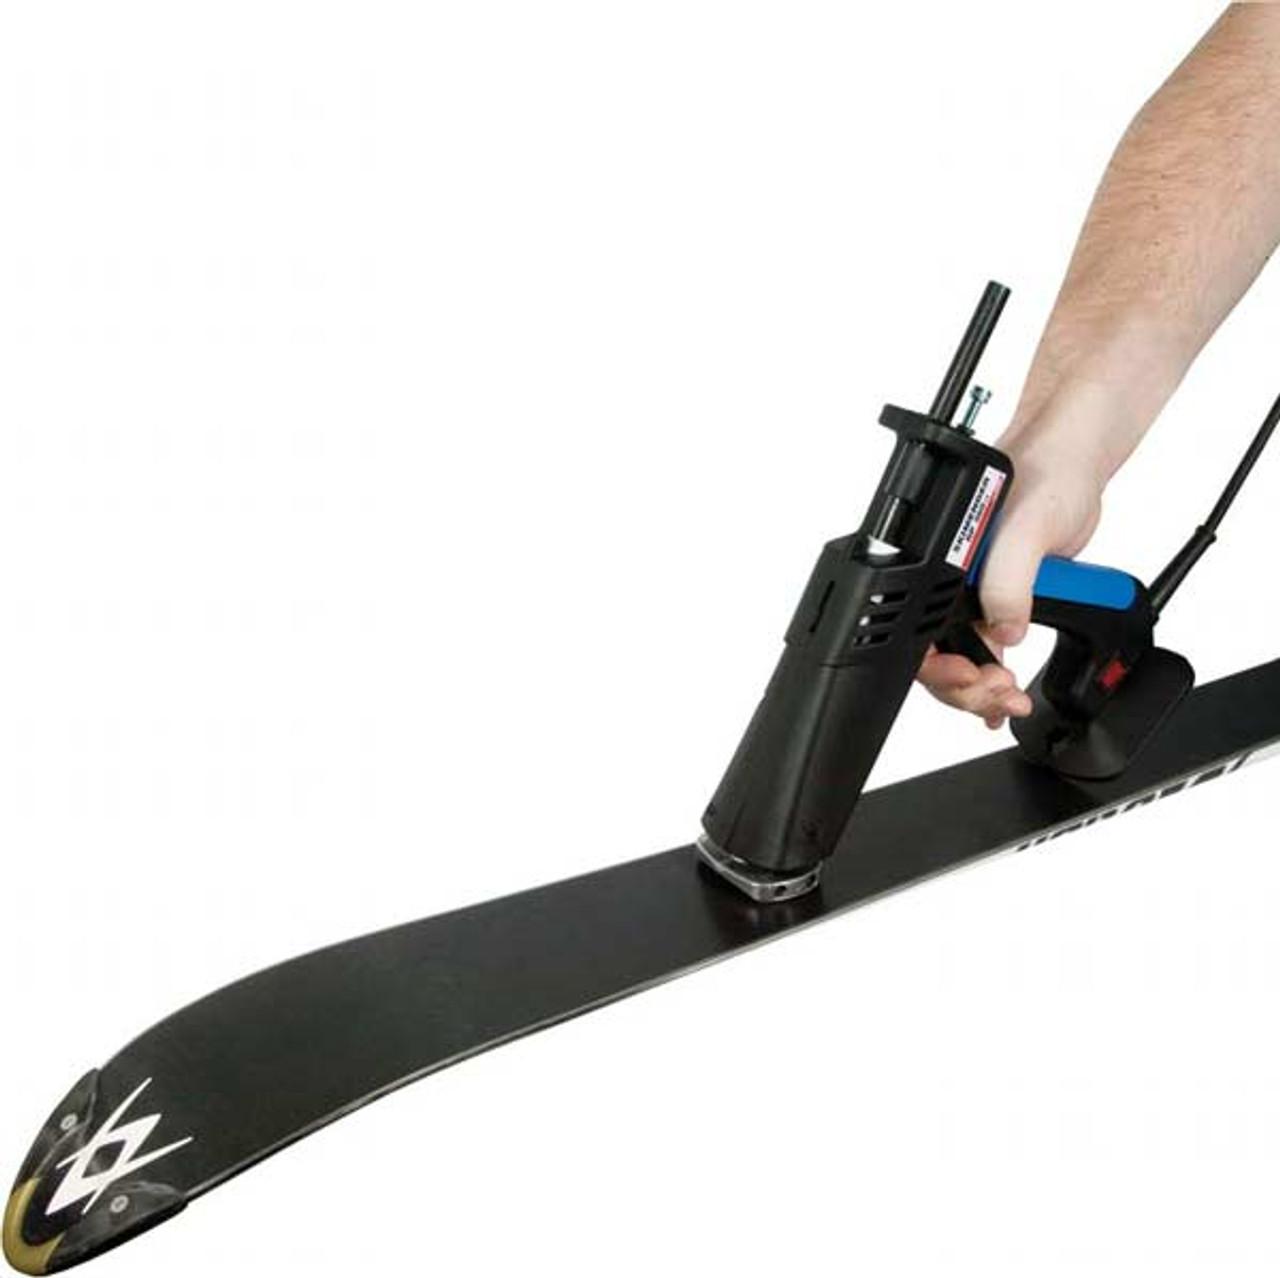 Skimender RP360 Base Repair Pistol (230 Volt) EUROPE